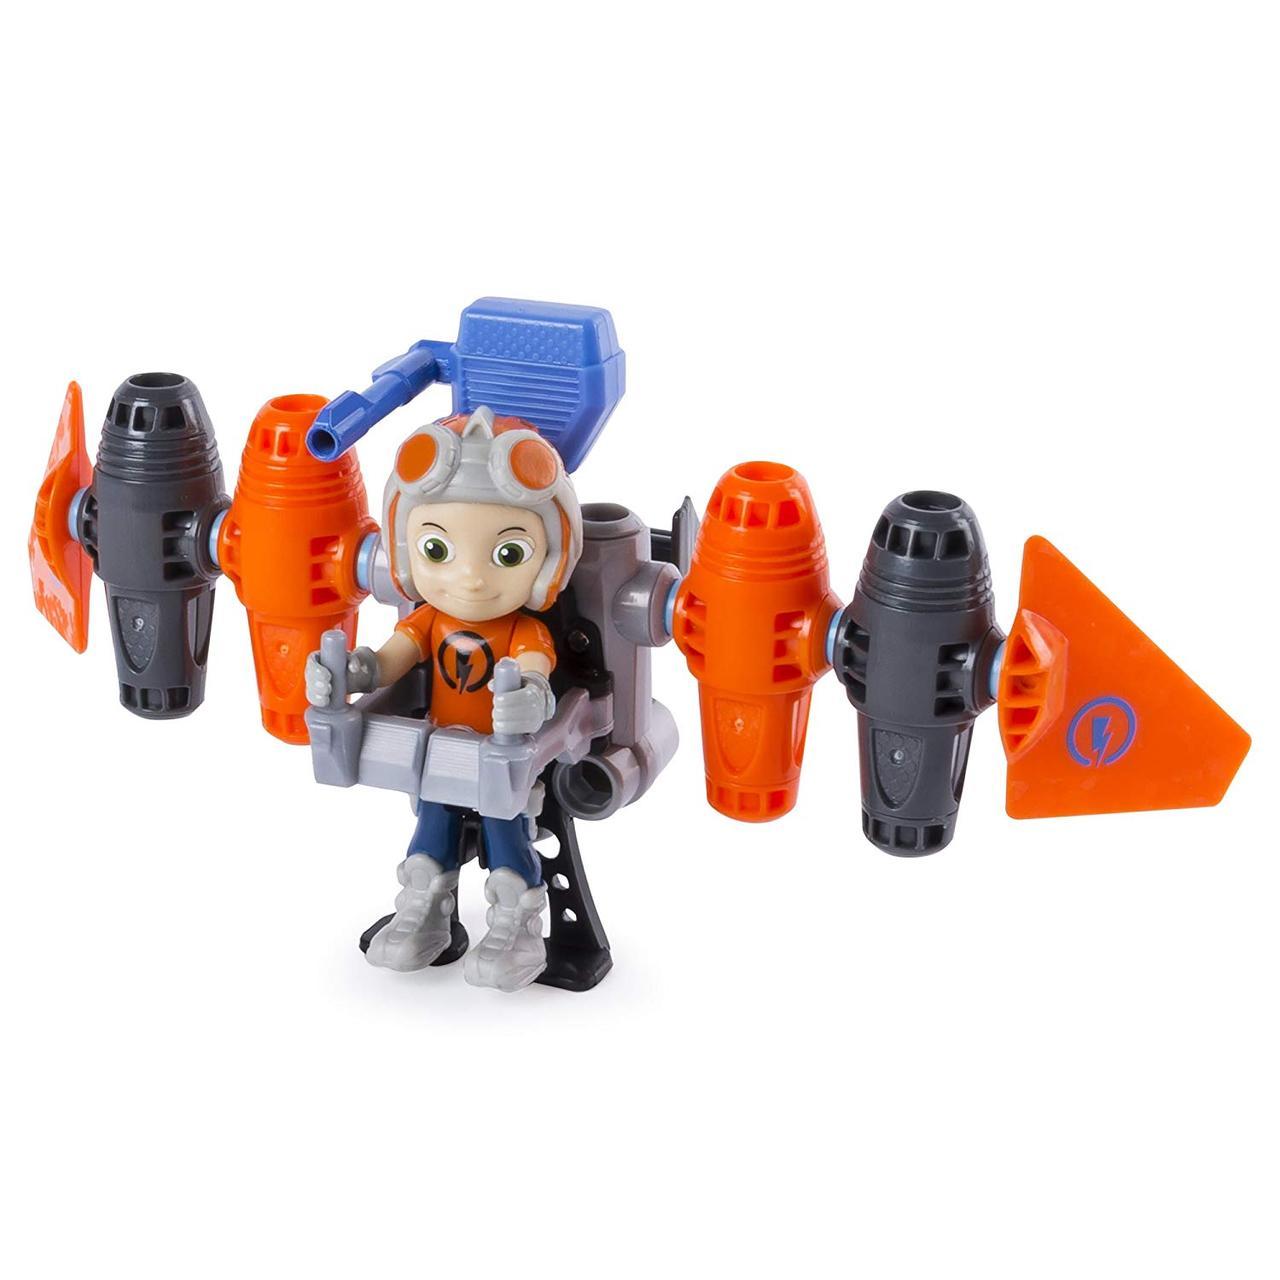 Игровой набор Расти-Механик и Джет Пак, Rusty Rivets Jet Pack